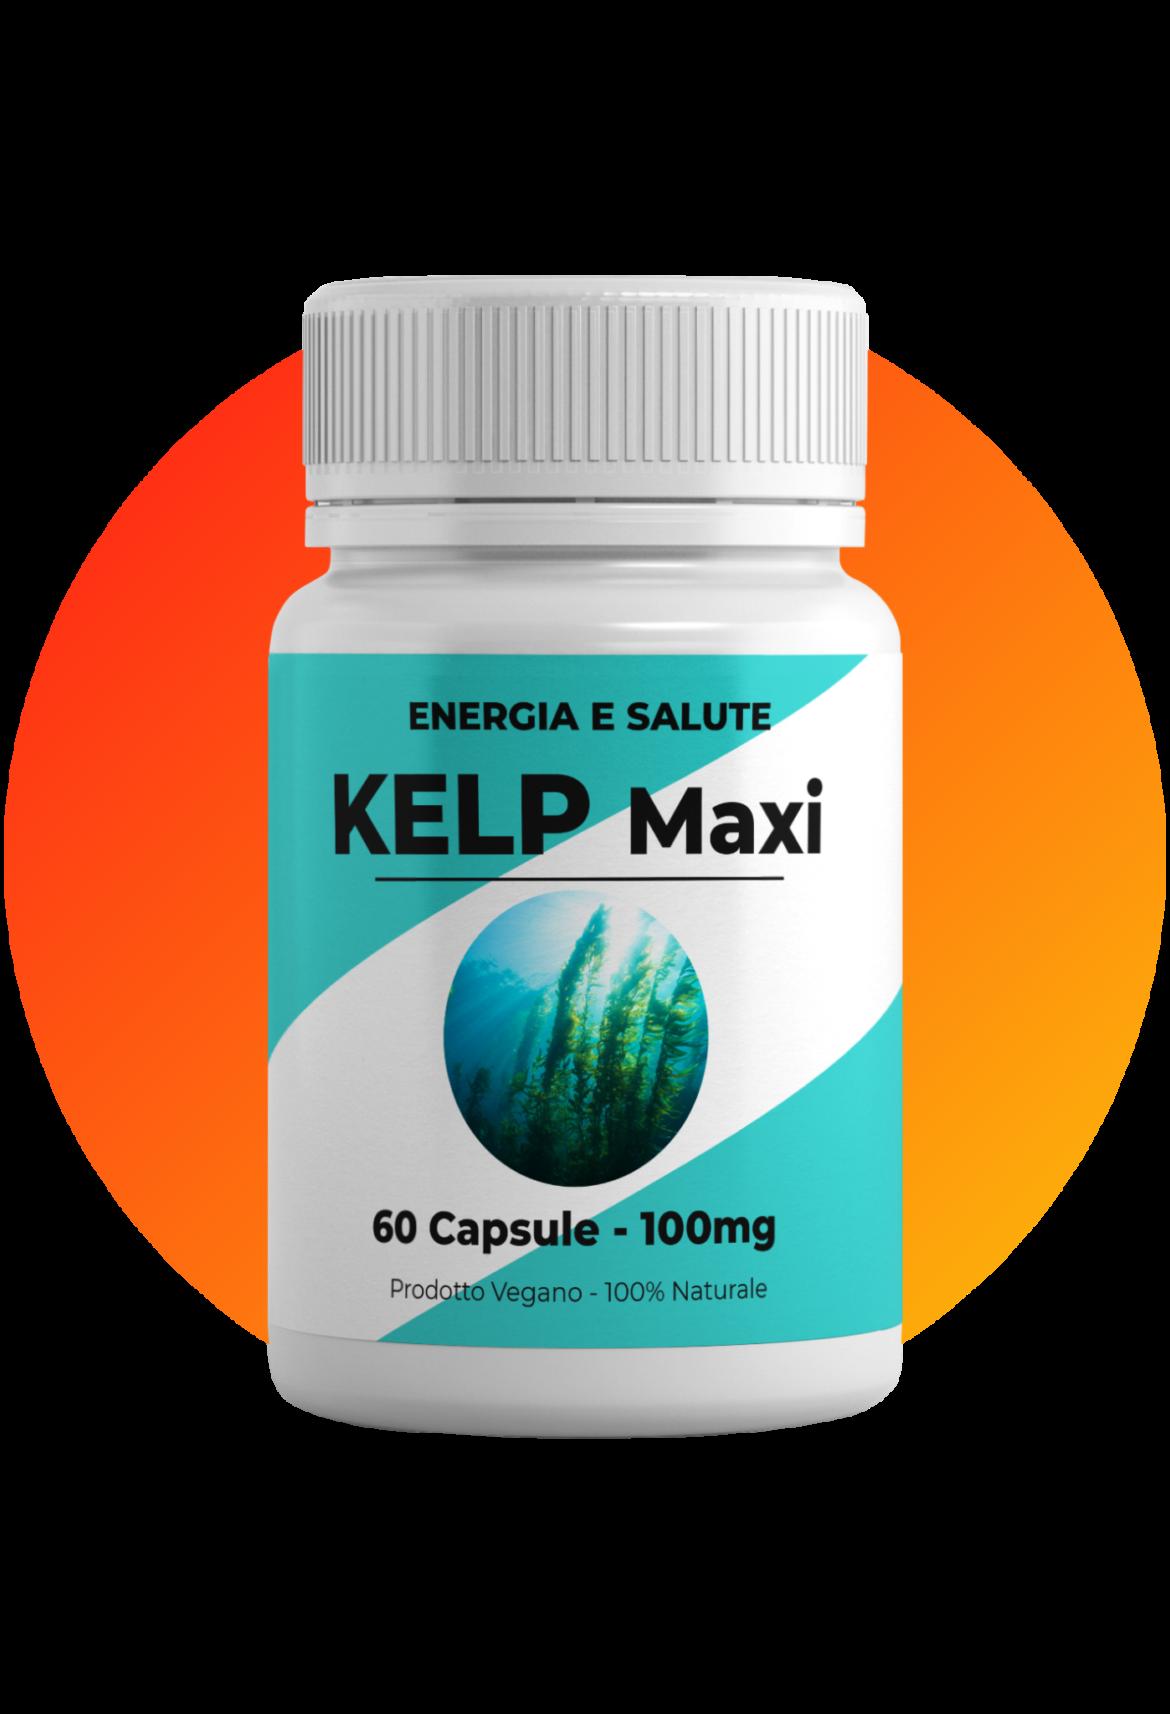 KELP Maxi food supplement: quando assumerlo? Acquisto sul sito ufficiale, opinioni e recensioni, prezzo